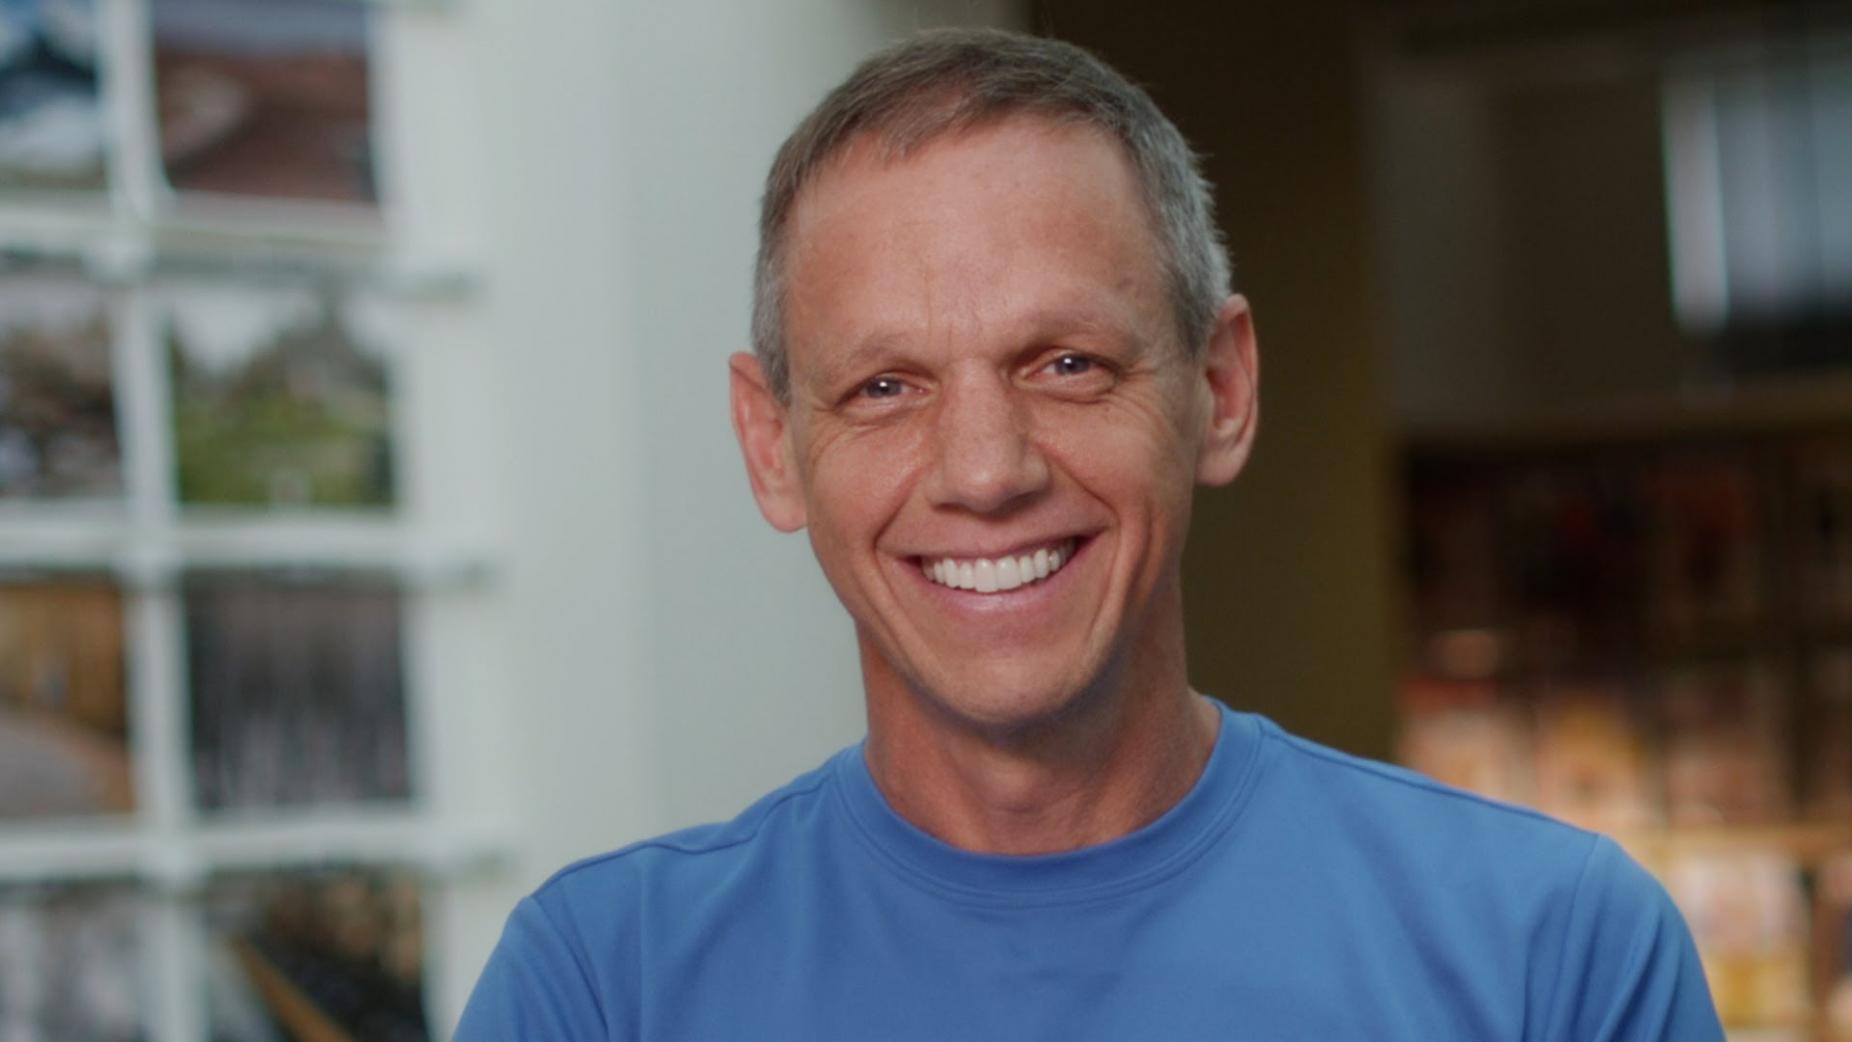 Charlie Engle - UItra-endurance Athlete